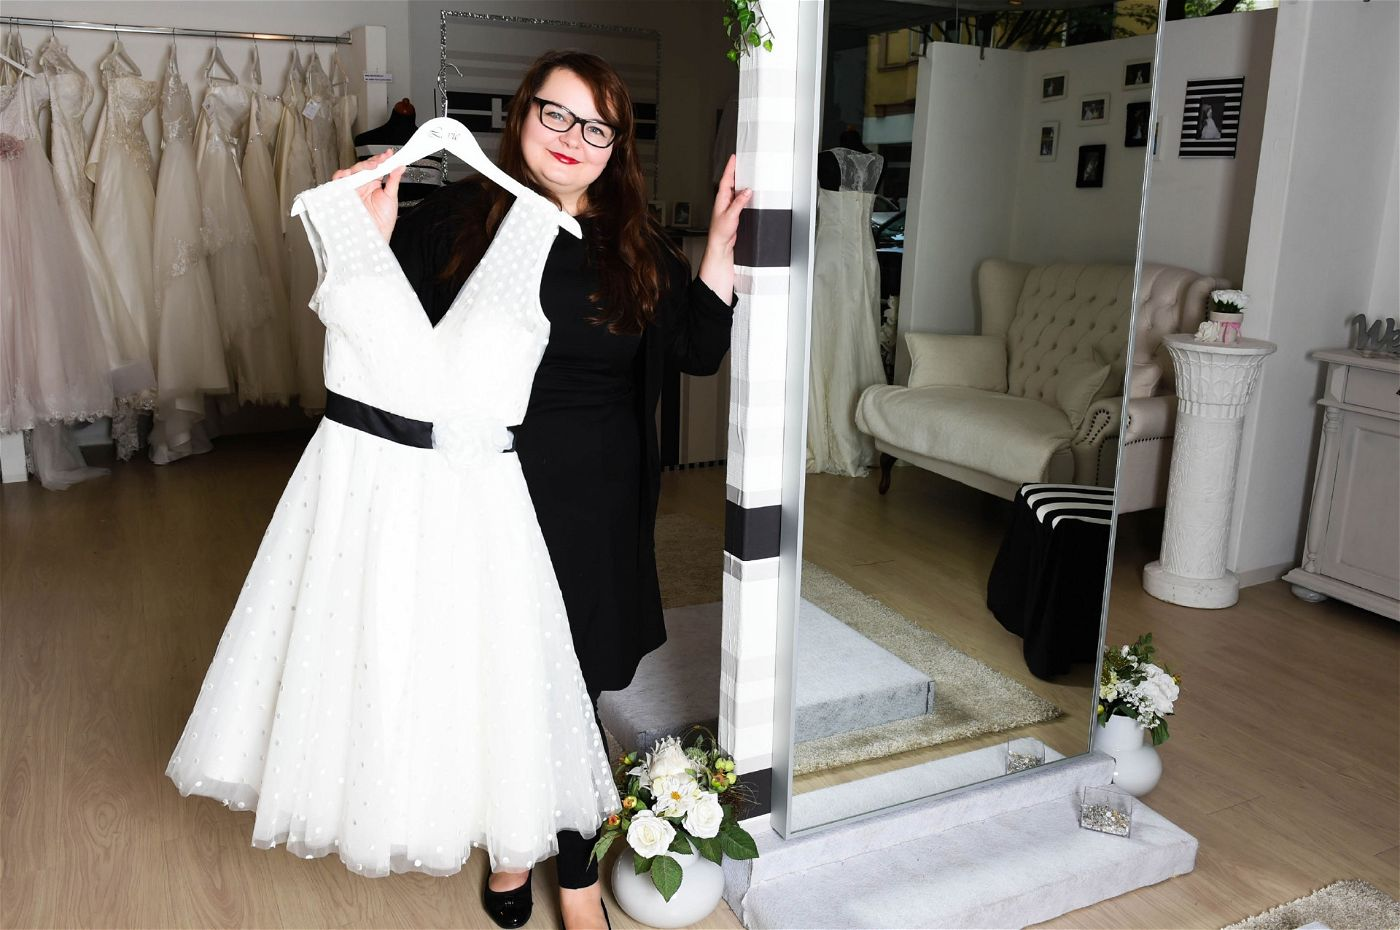 """Manuela führt das Geschäft """"Lavie"""" in Bochum."""